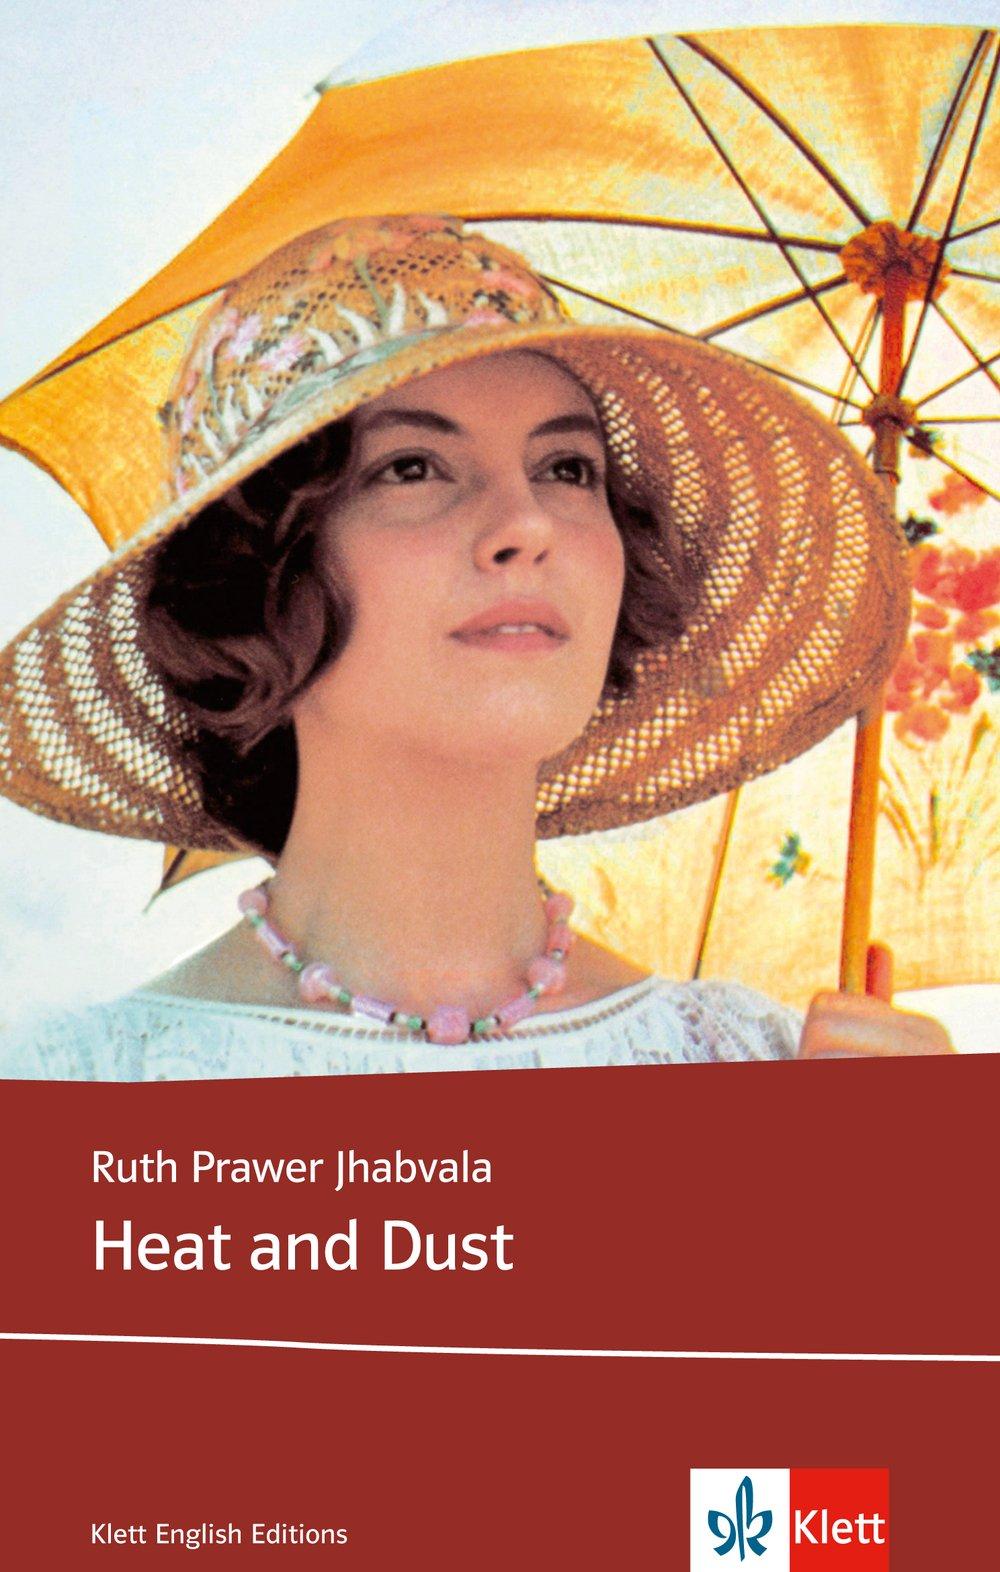 Heat and Dust: Schulausgabe für das Niveau B2, ab dem 6. Lernjahr. Ungekürzter englischer Originaltext mit Annotationen (Klett English Editions)